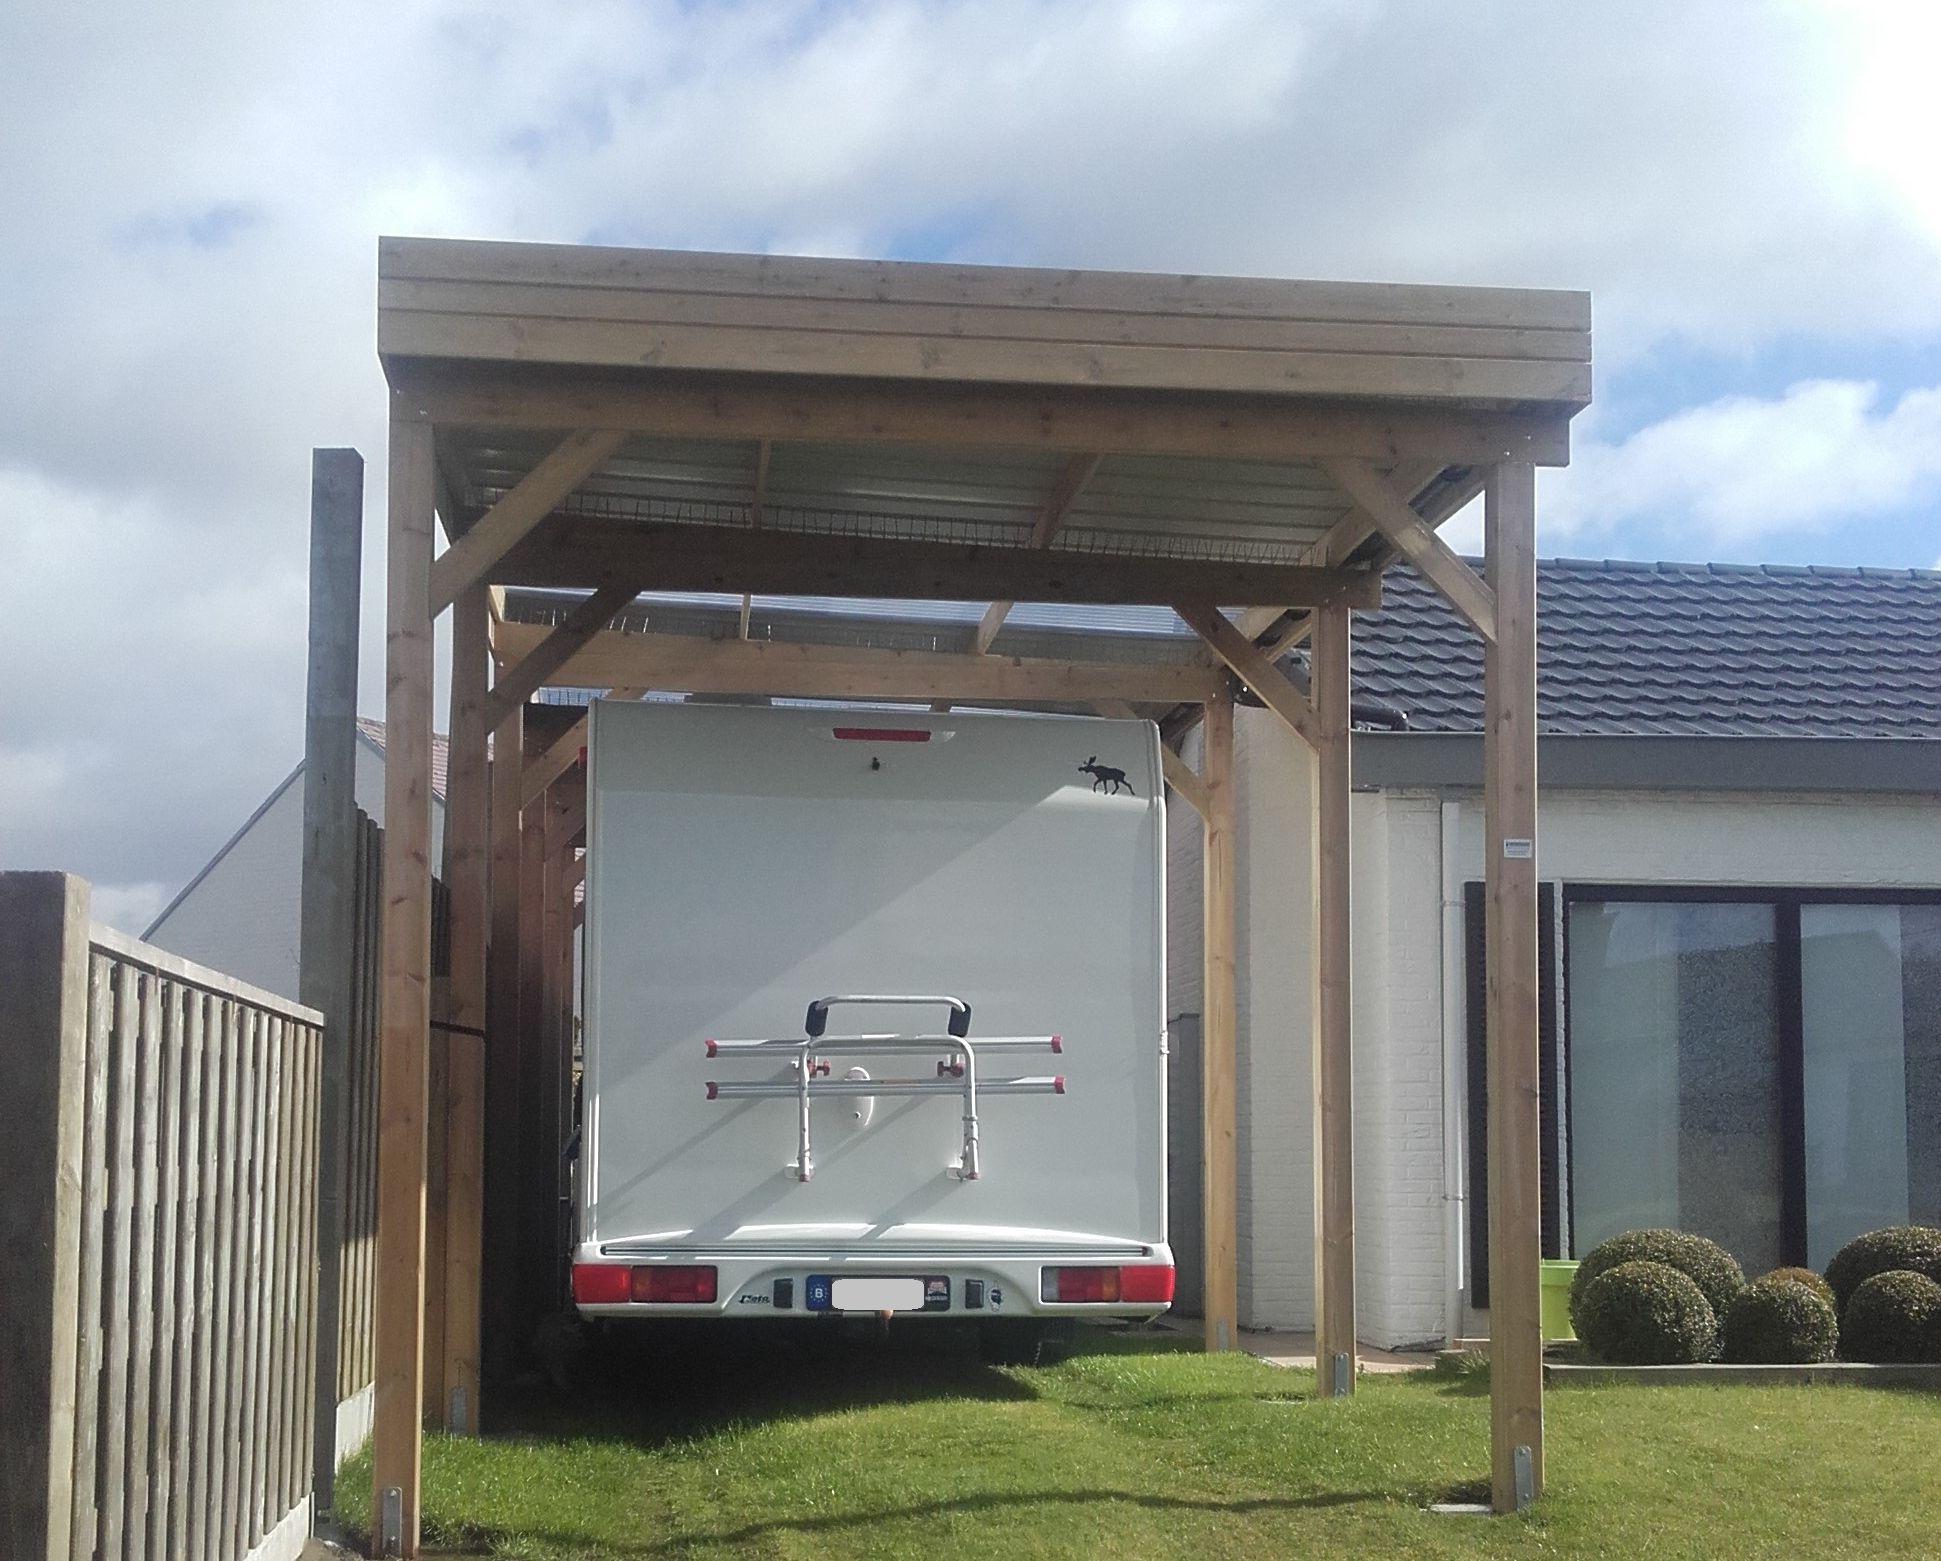 Houten carport voor camping car